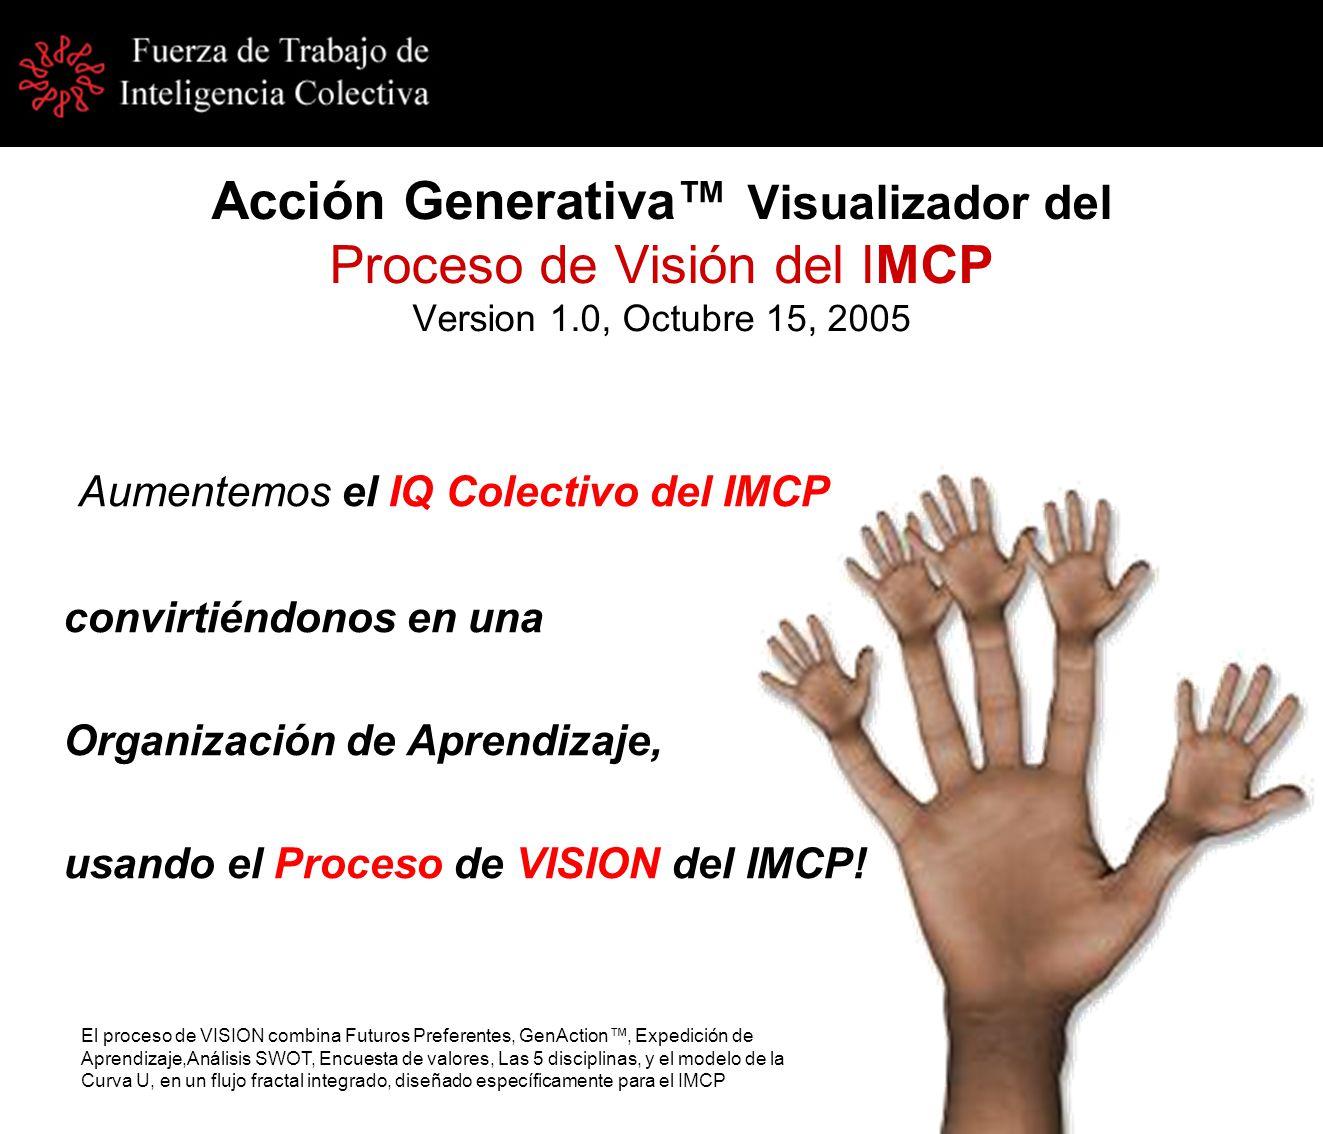 Acción Generativa Visualizador del Proceso de Visión del IMCP Version 1.0, Octubre 15, 2005 Aumentemos el IQ Colectivo del IMCP convirtiéndonos en una Organización de Aprendizaje, usando el Proceso de VISION del IMCP.